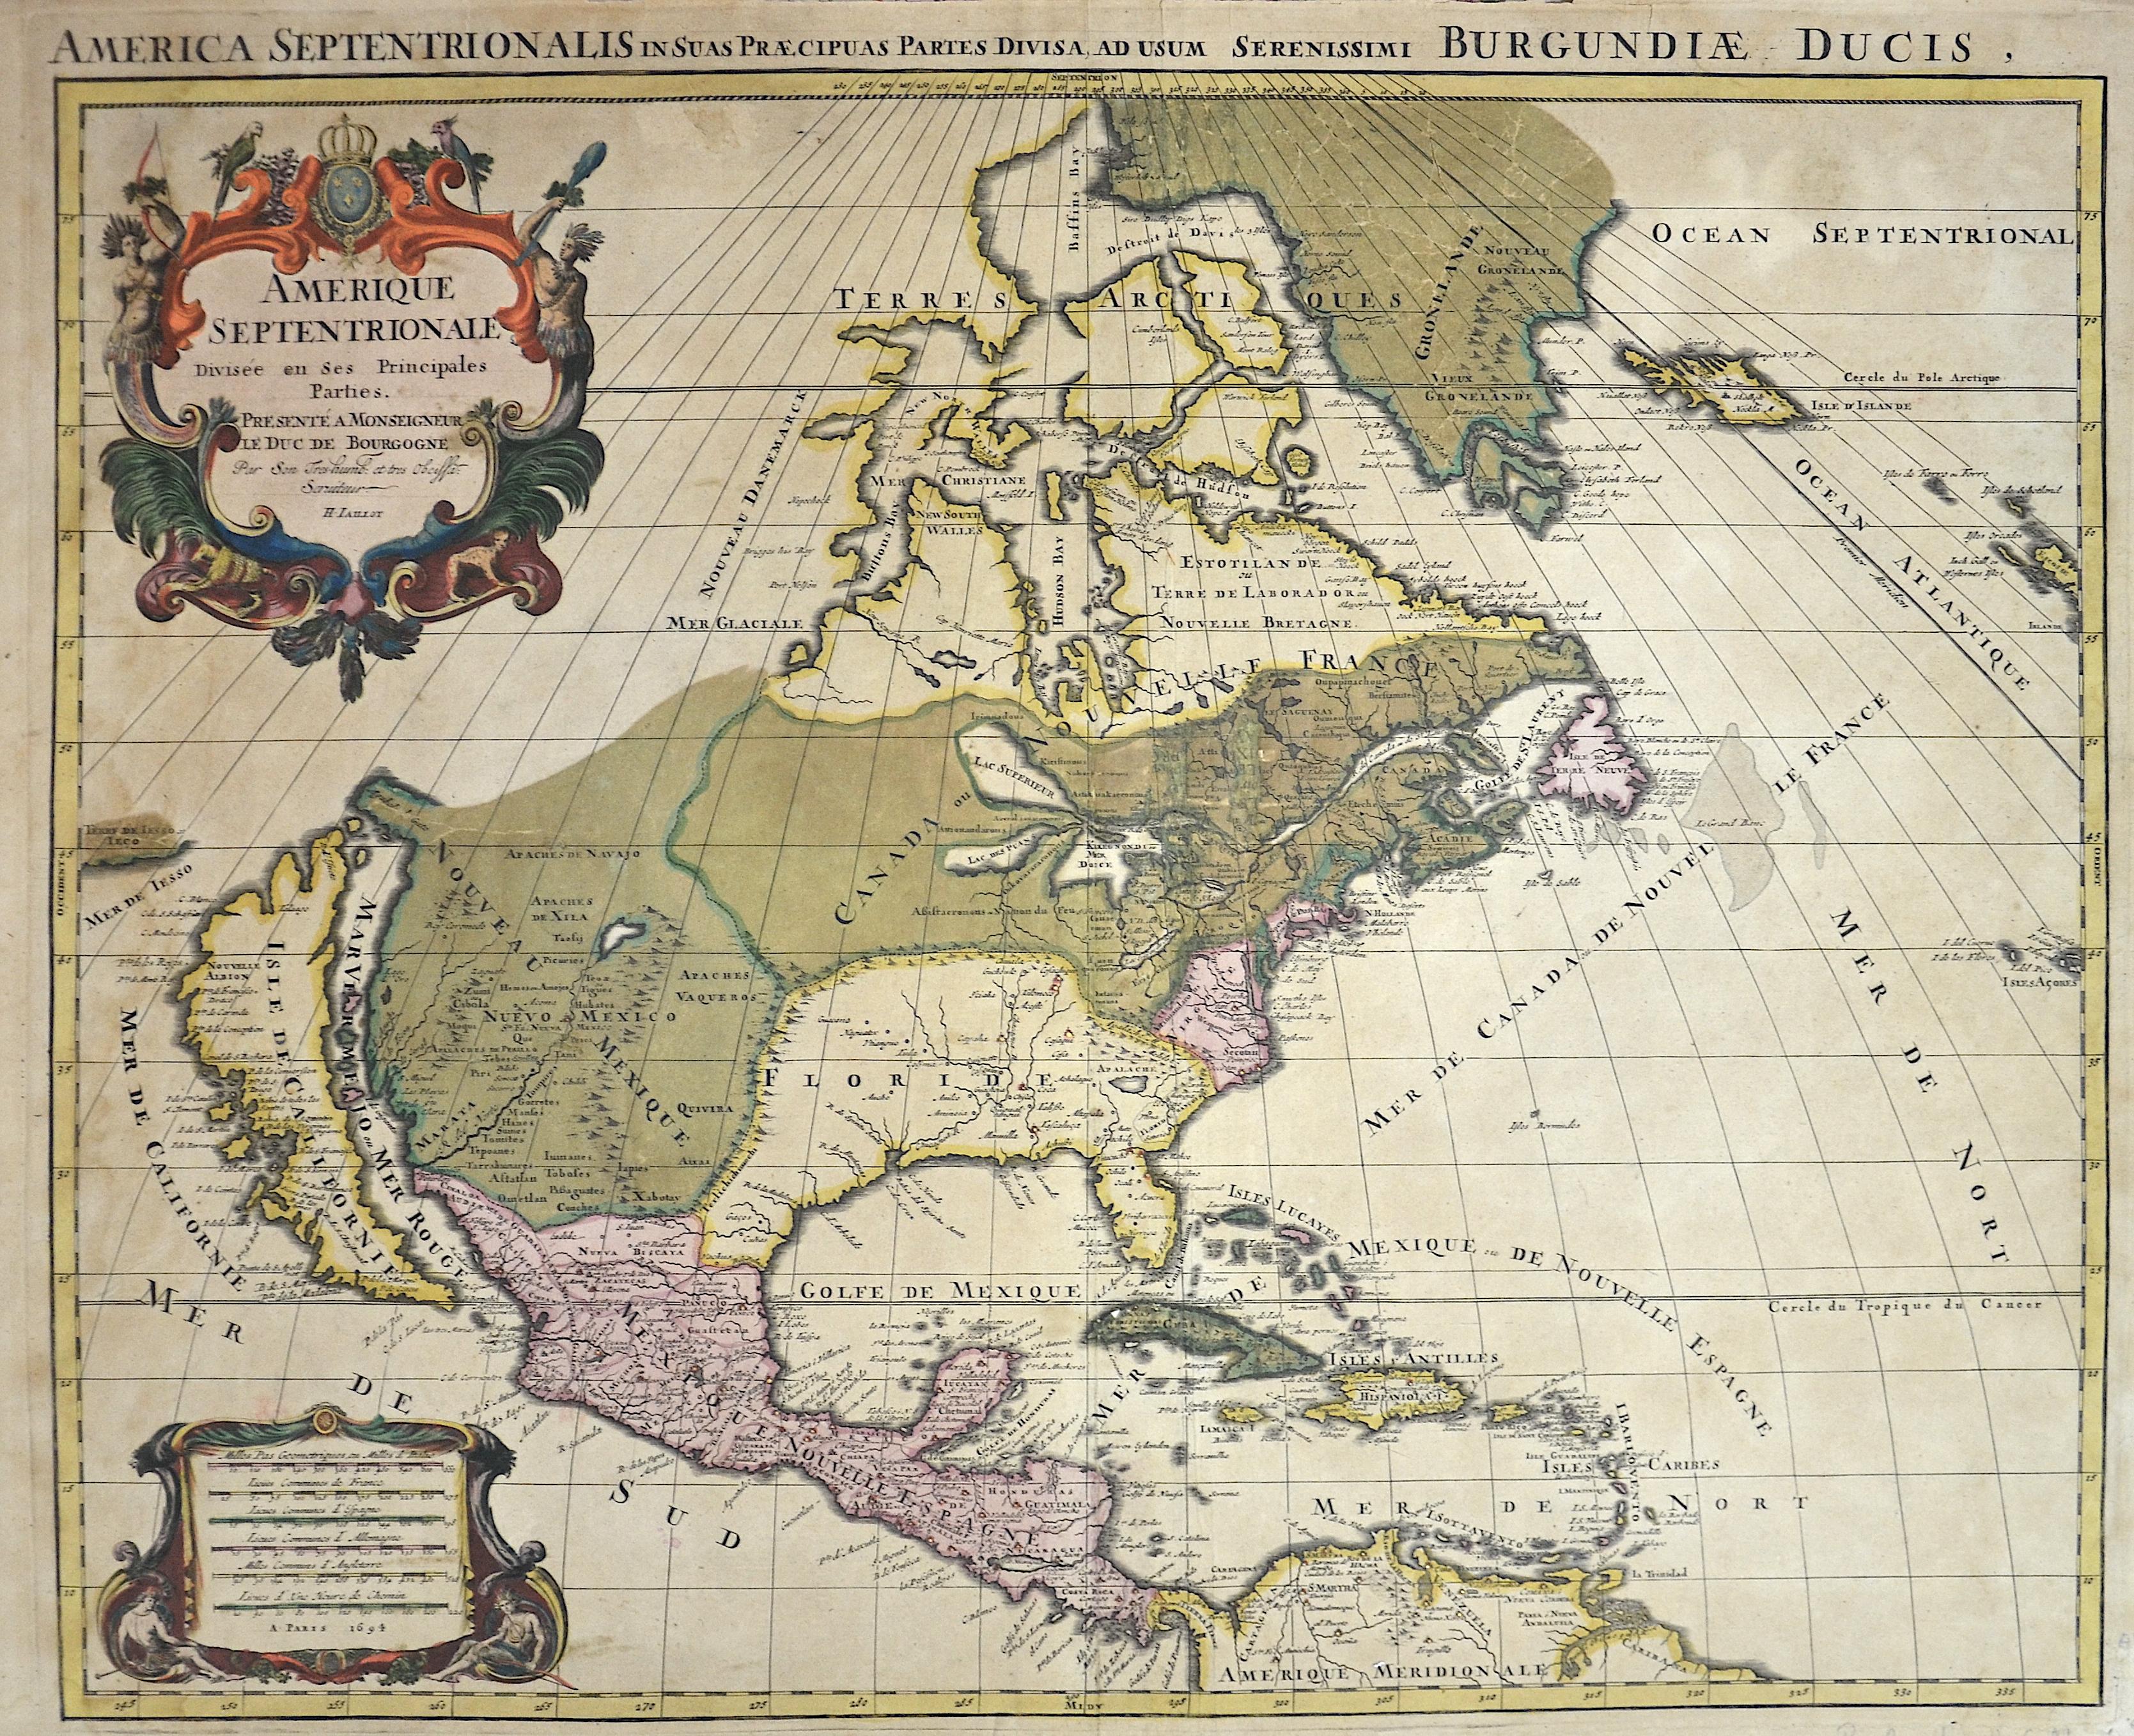 Jaillot  Amerique Septentrionale divisée en ses Principales